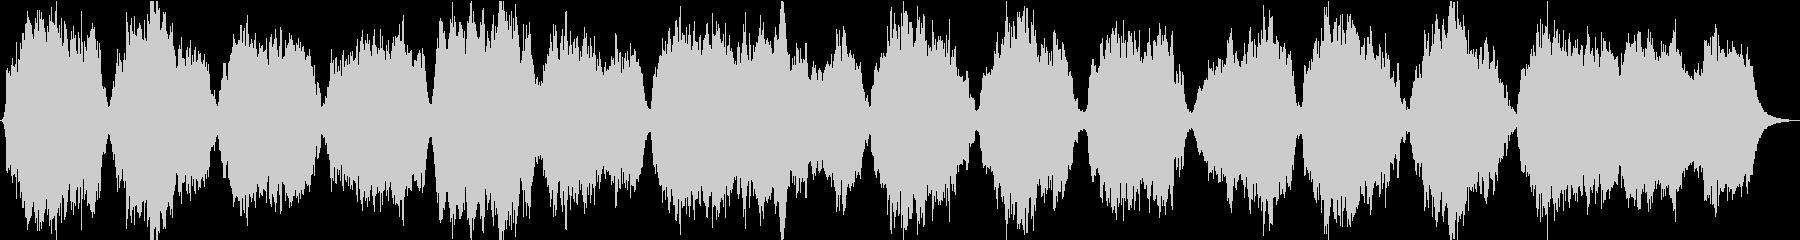 愛の歌/カーロ・ミオ・ベン/弦楽合奏の未再生の波形